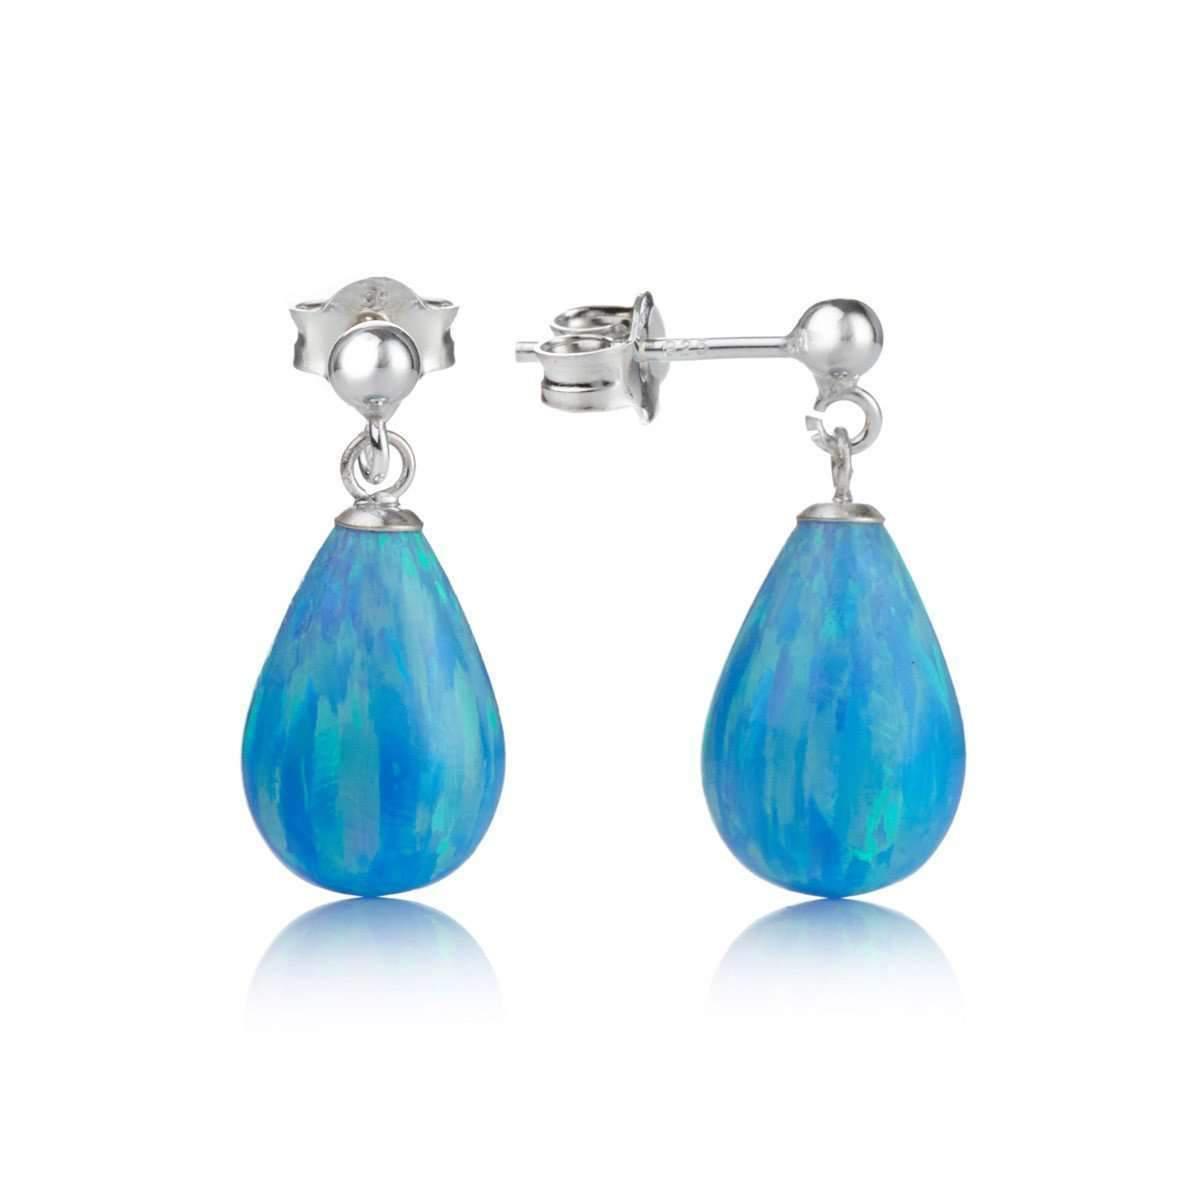 Lavan Sterling Silver & Aqua Opal Drop Earrings rljTJBZ